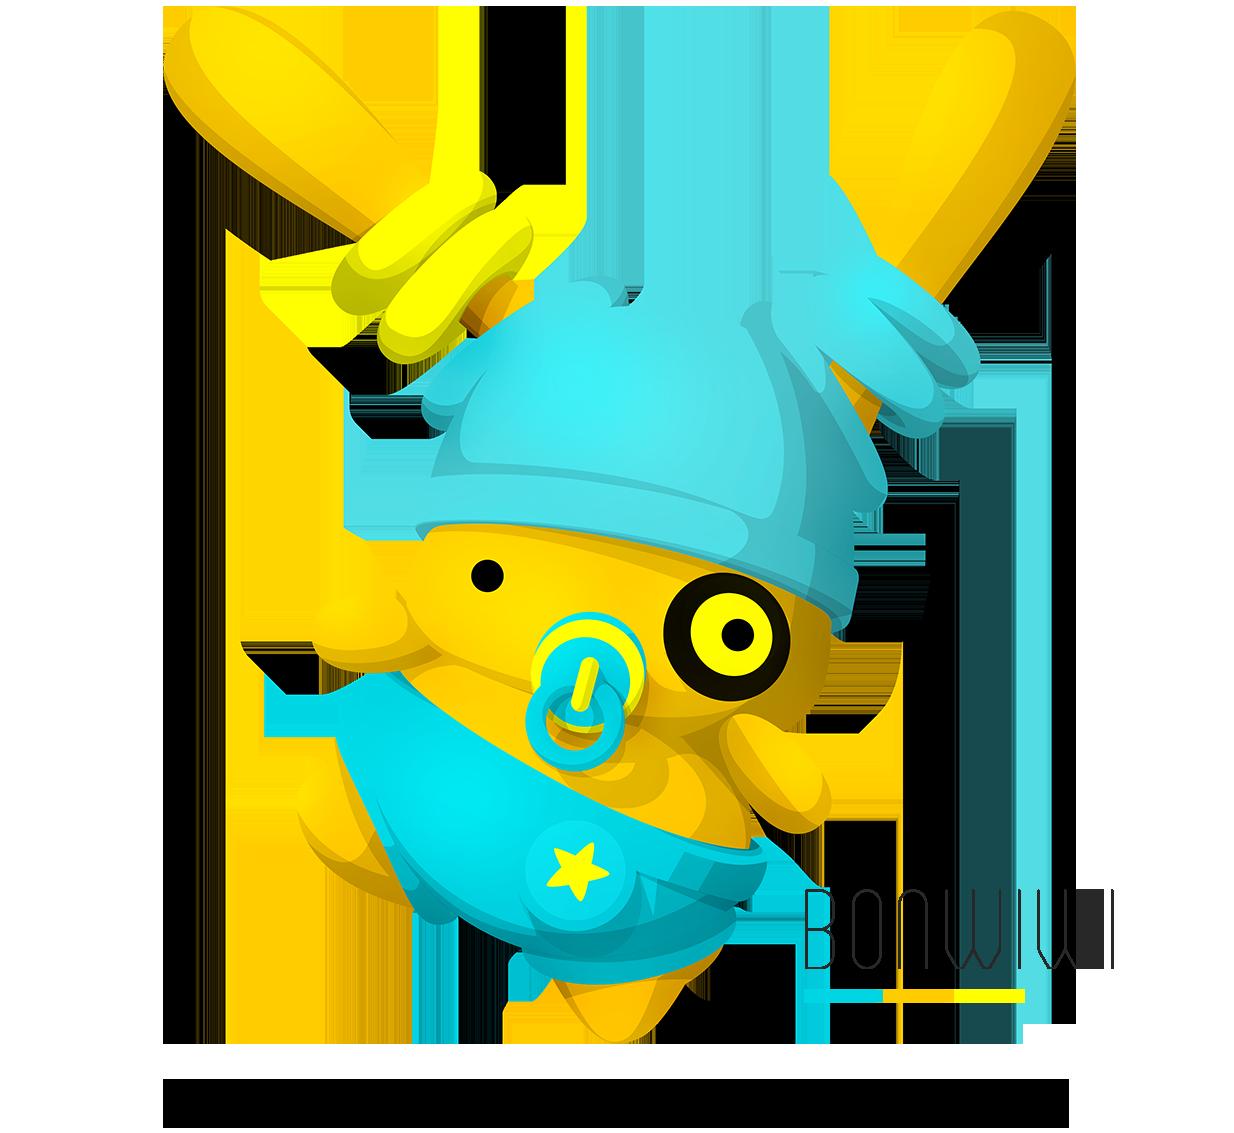 Bonwiwi